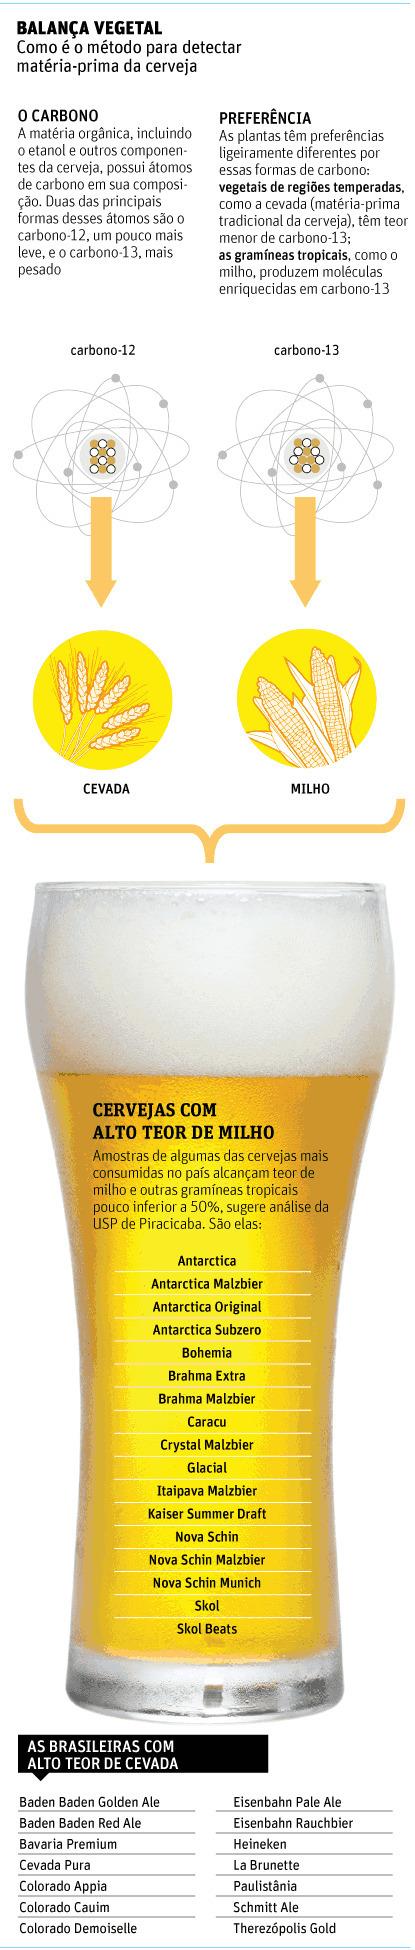 Cerveja nacional tem muito milho, afirma pesquisa da USP | Hopster | Scoop.it